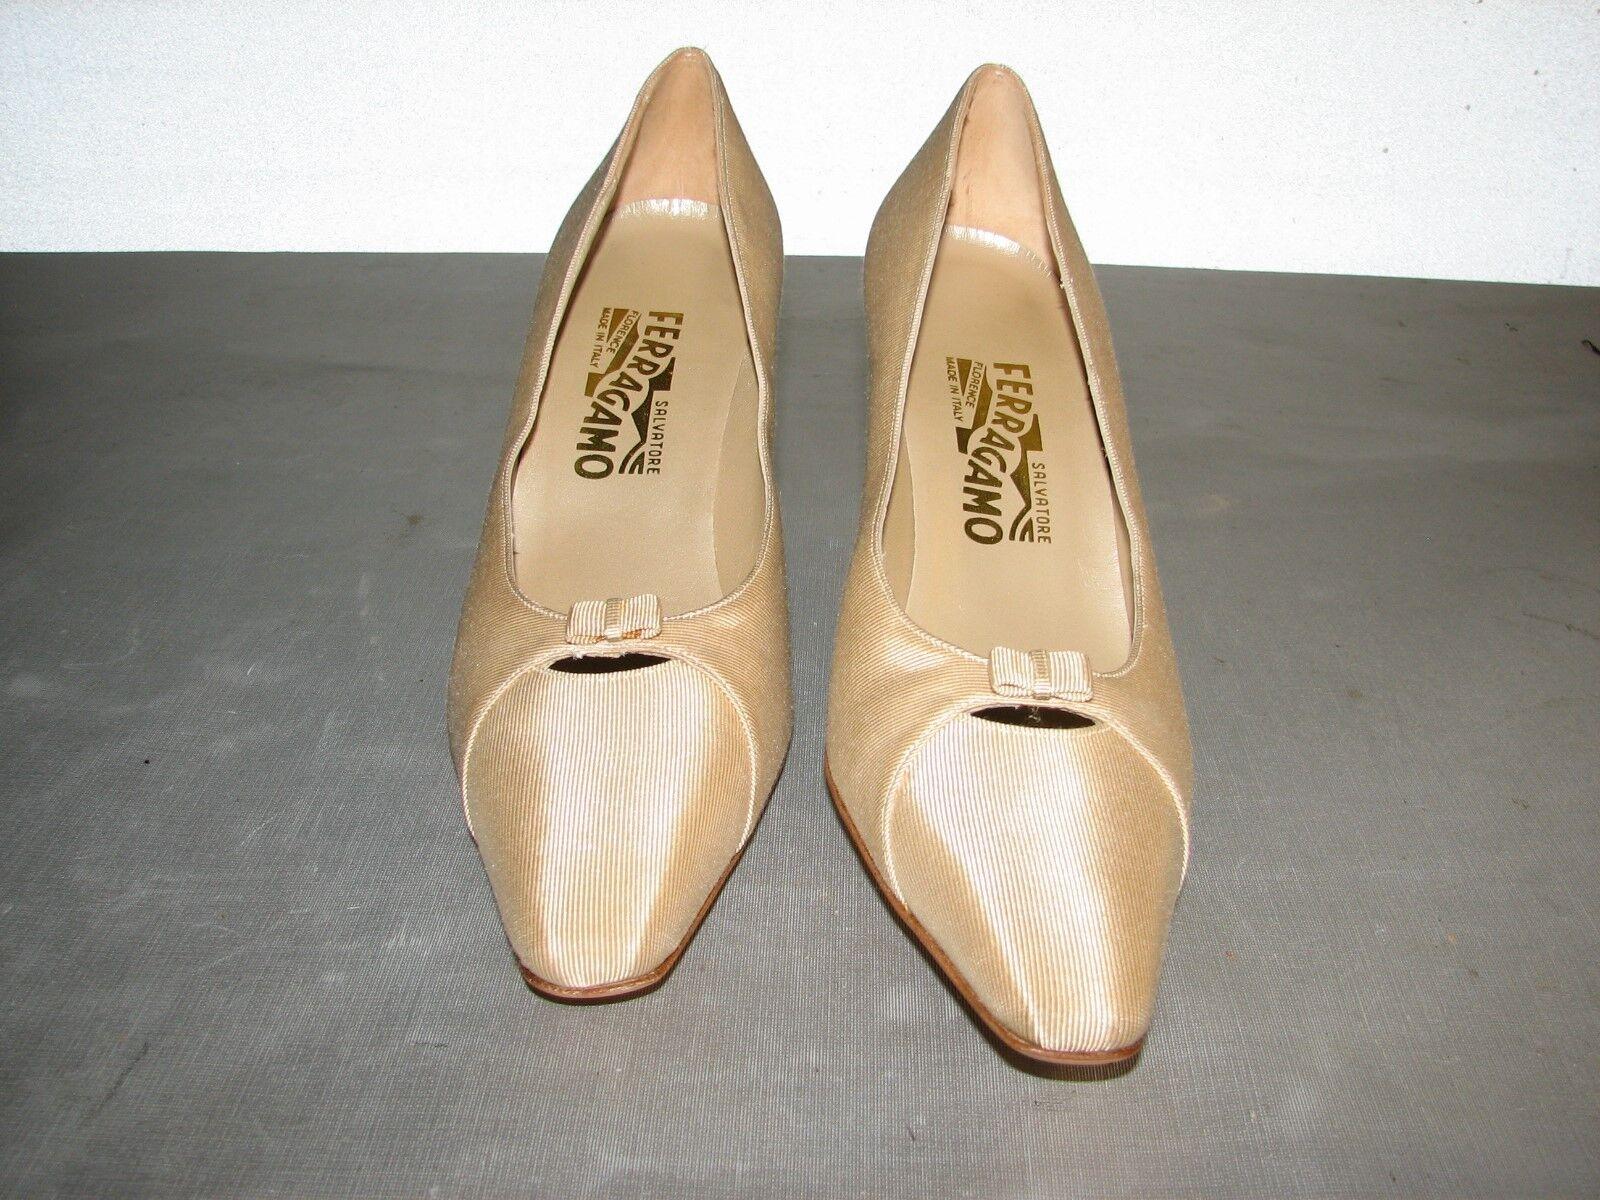 Nueva Nueva Nueva Salvatore Ferragamo Mujer Beis Tacones Zapatos raso 10 2A 8ece94